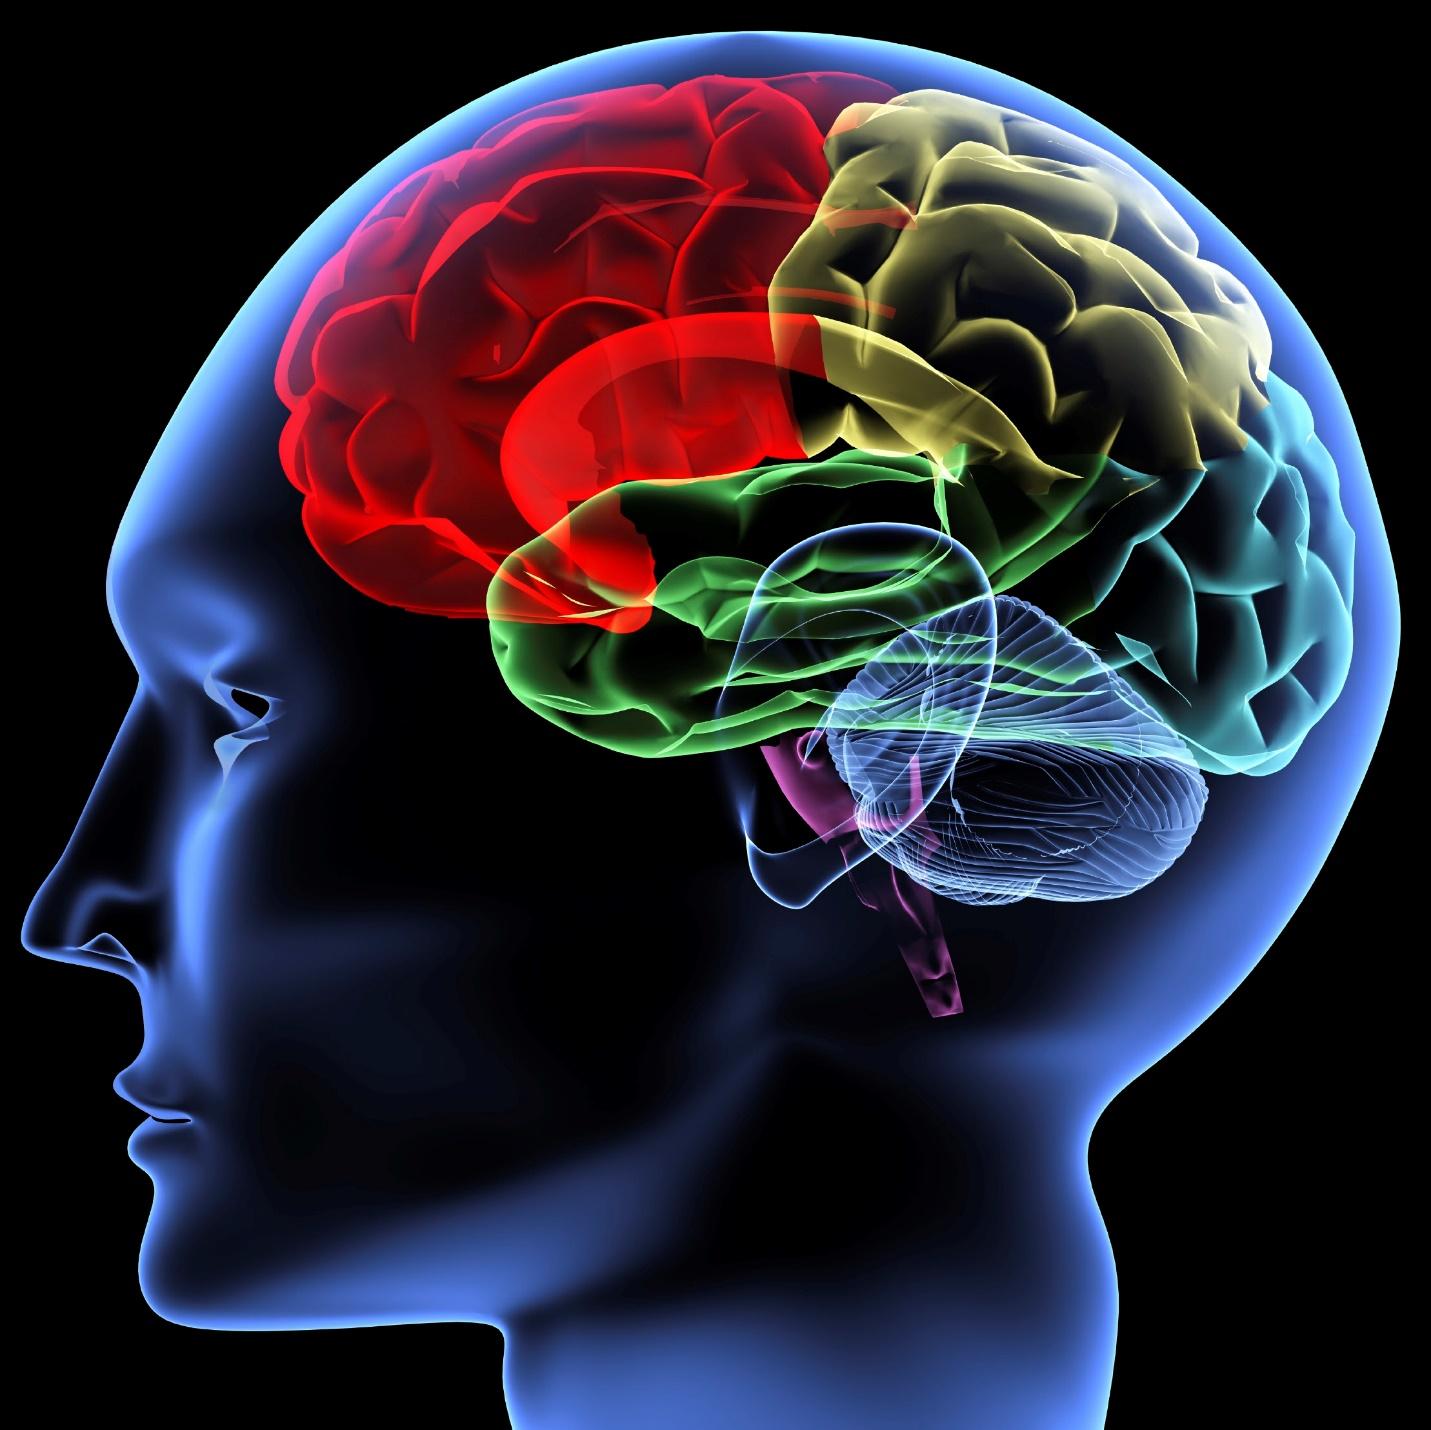 arlington texas brain injury attorneys - Arlington, TX Brain Injury Attorney